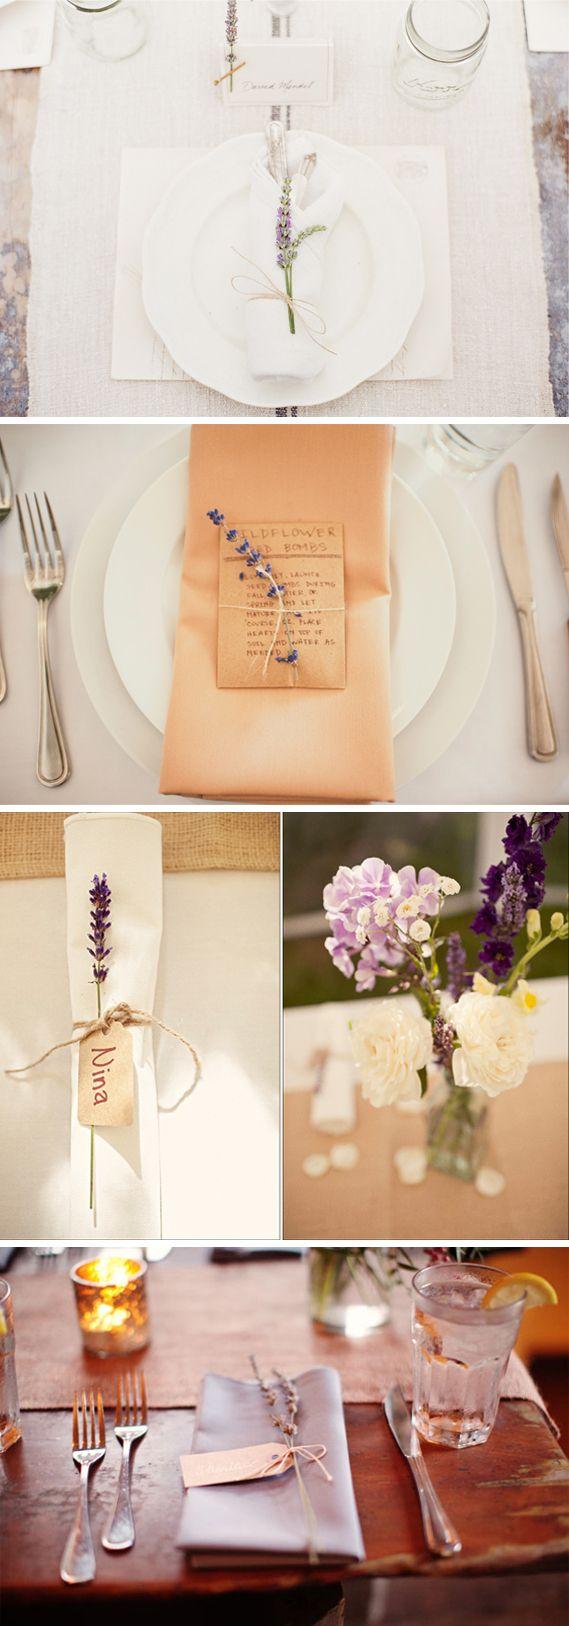 http://www.mariagesetbabillages.com/deco/plan-de-table/lavande-mariage